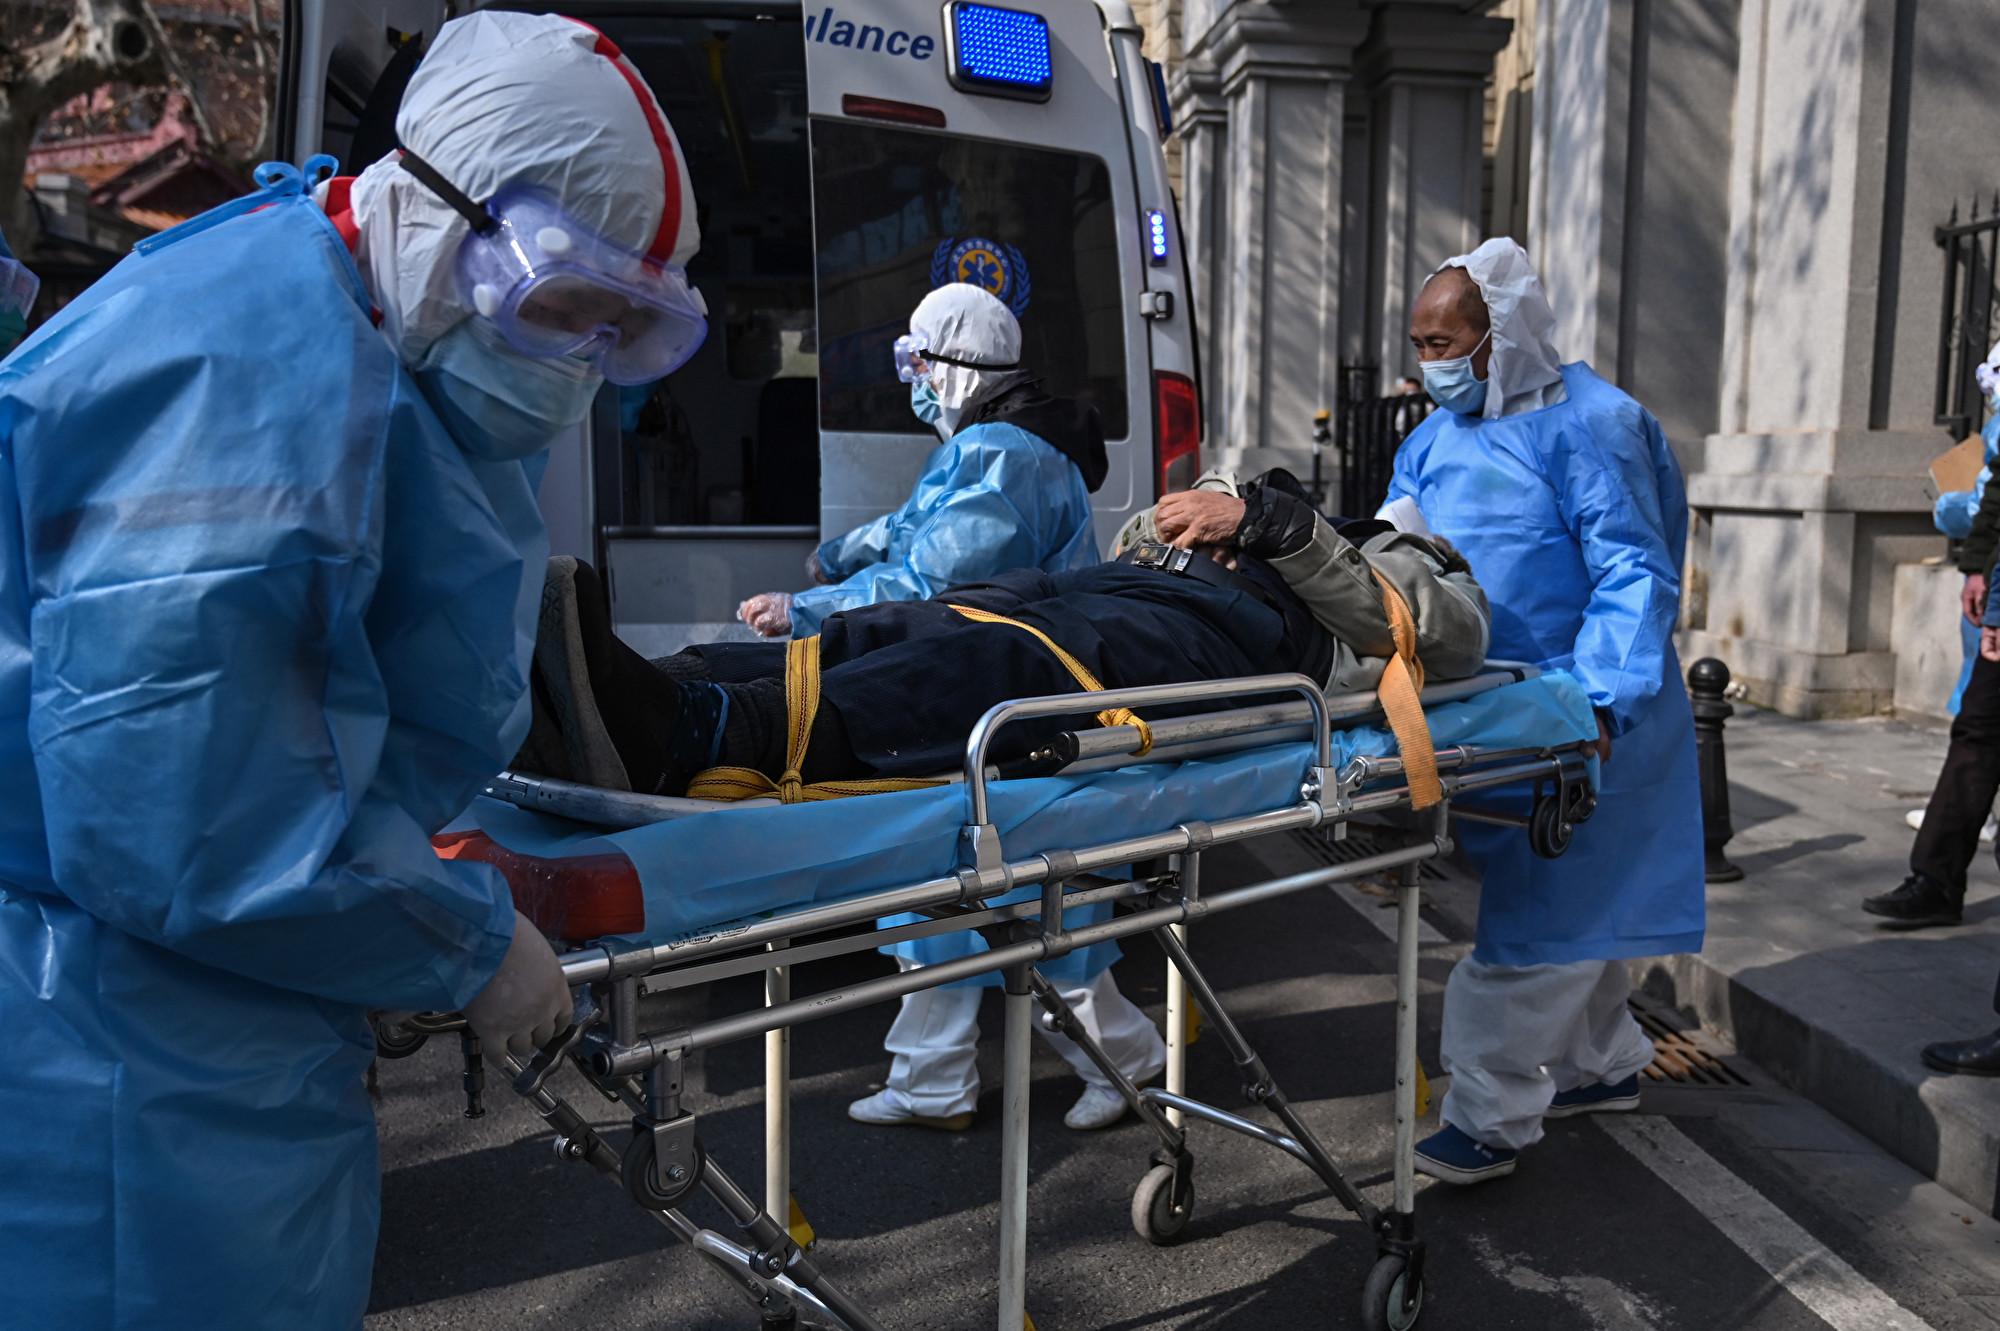 首曝中共病毒 武漢醫生重症床上披露全過程